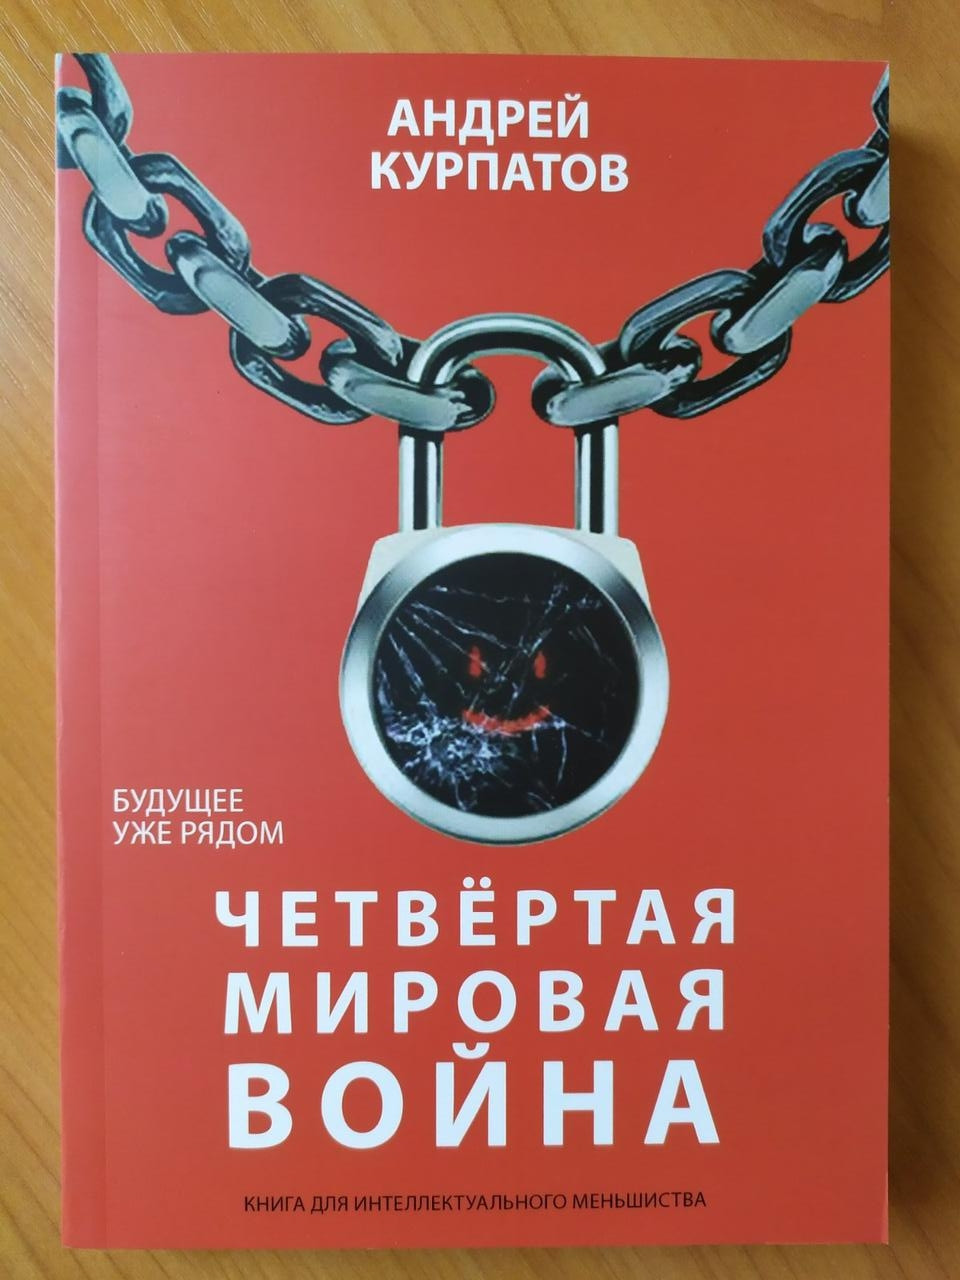 Андрій Курпатов. Четверта світова війна. Майбутнє вже поруч